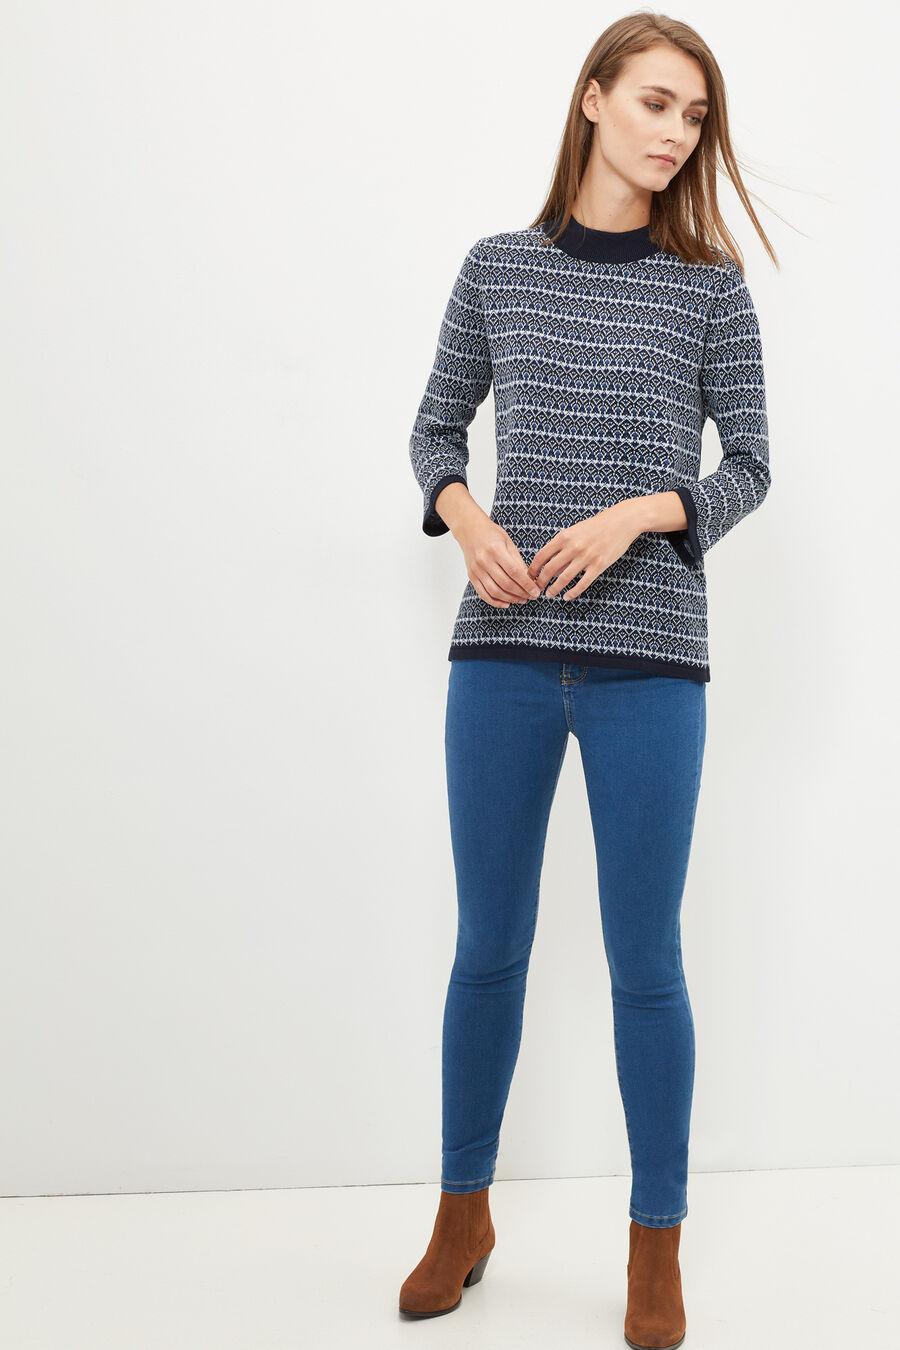 Perkins-neck jumper